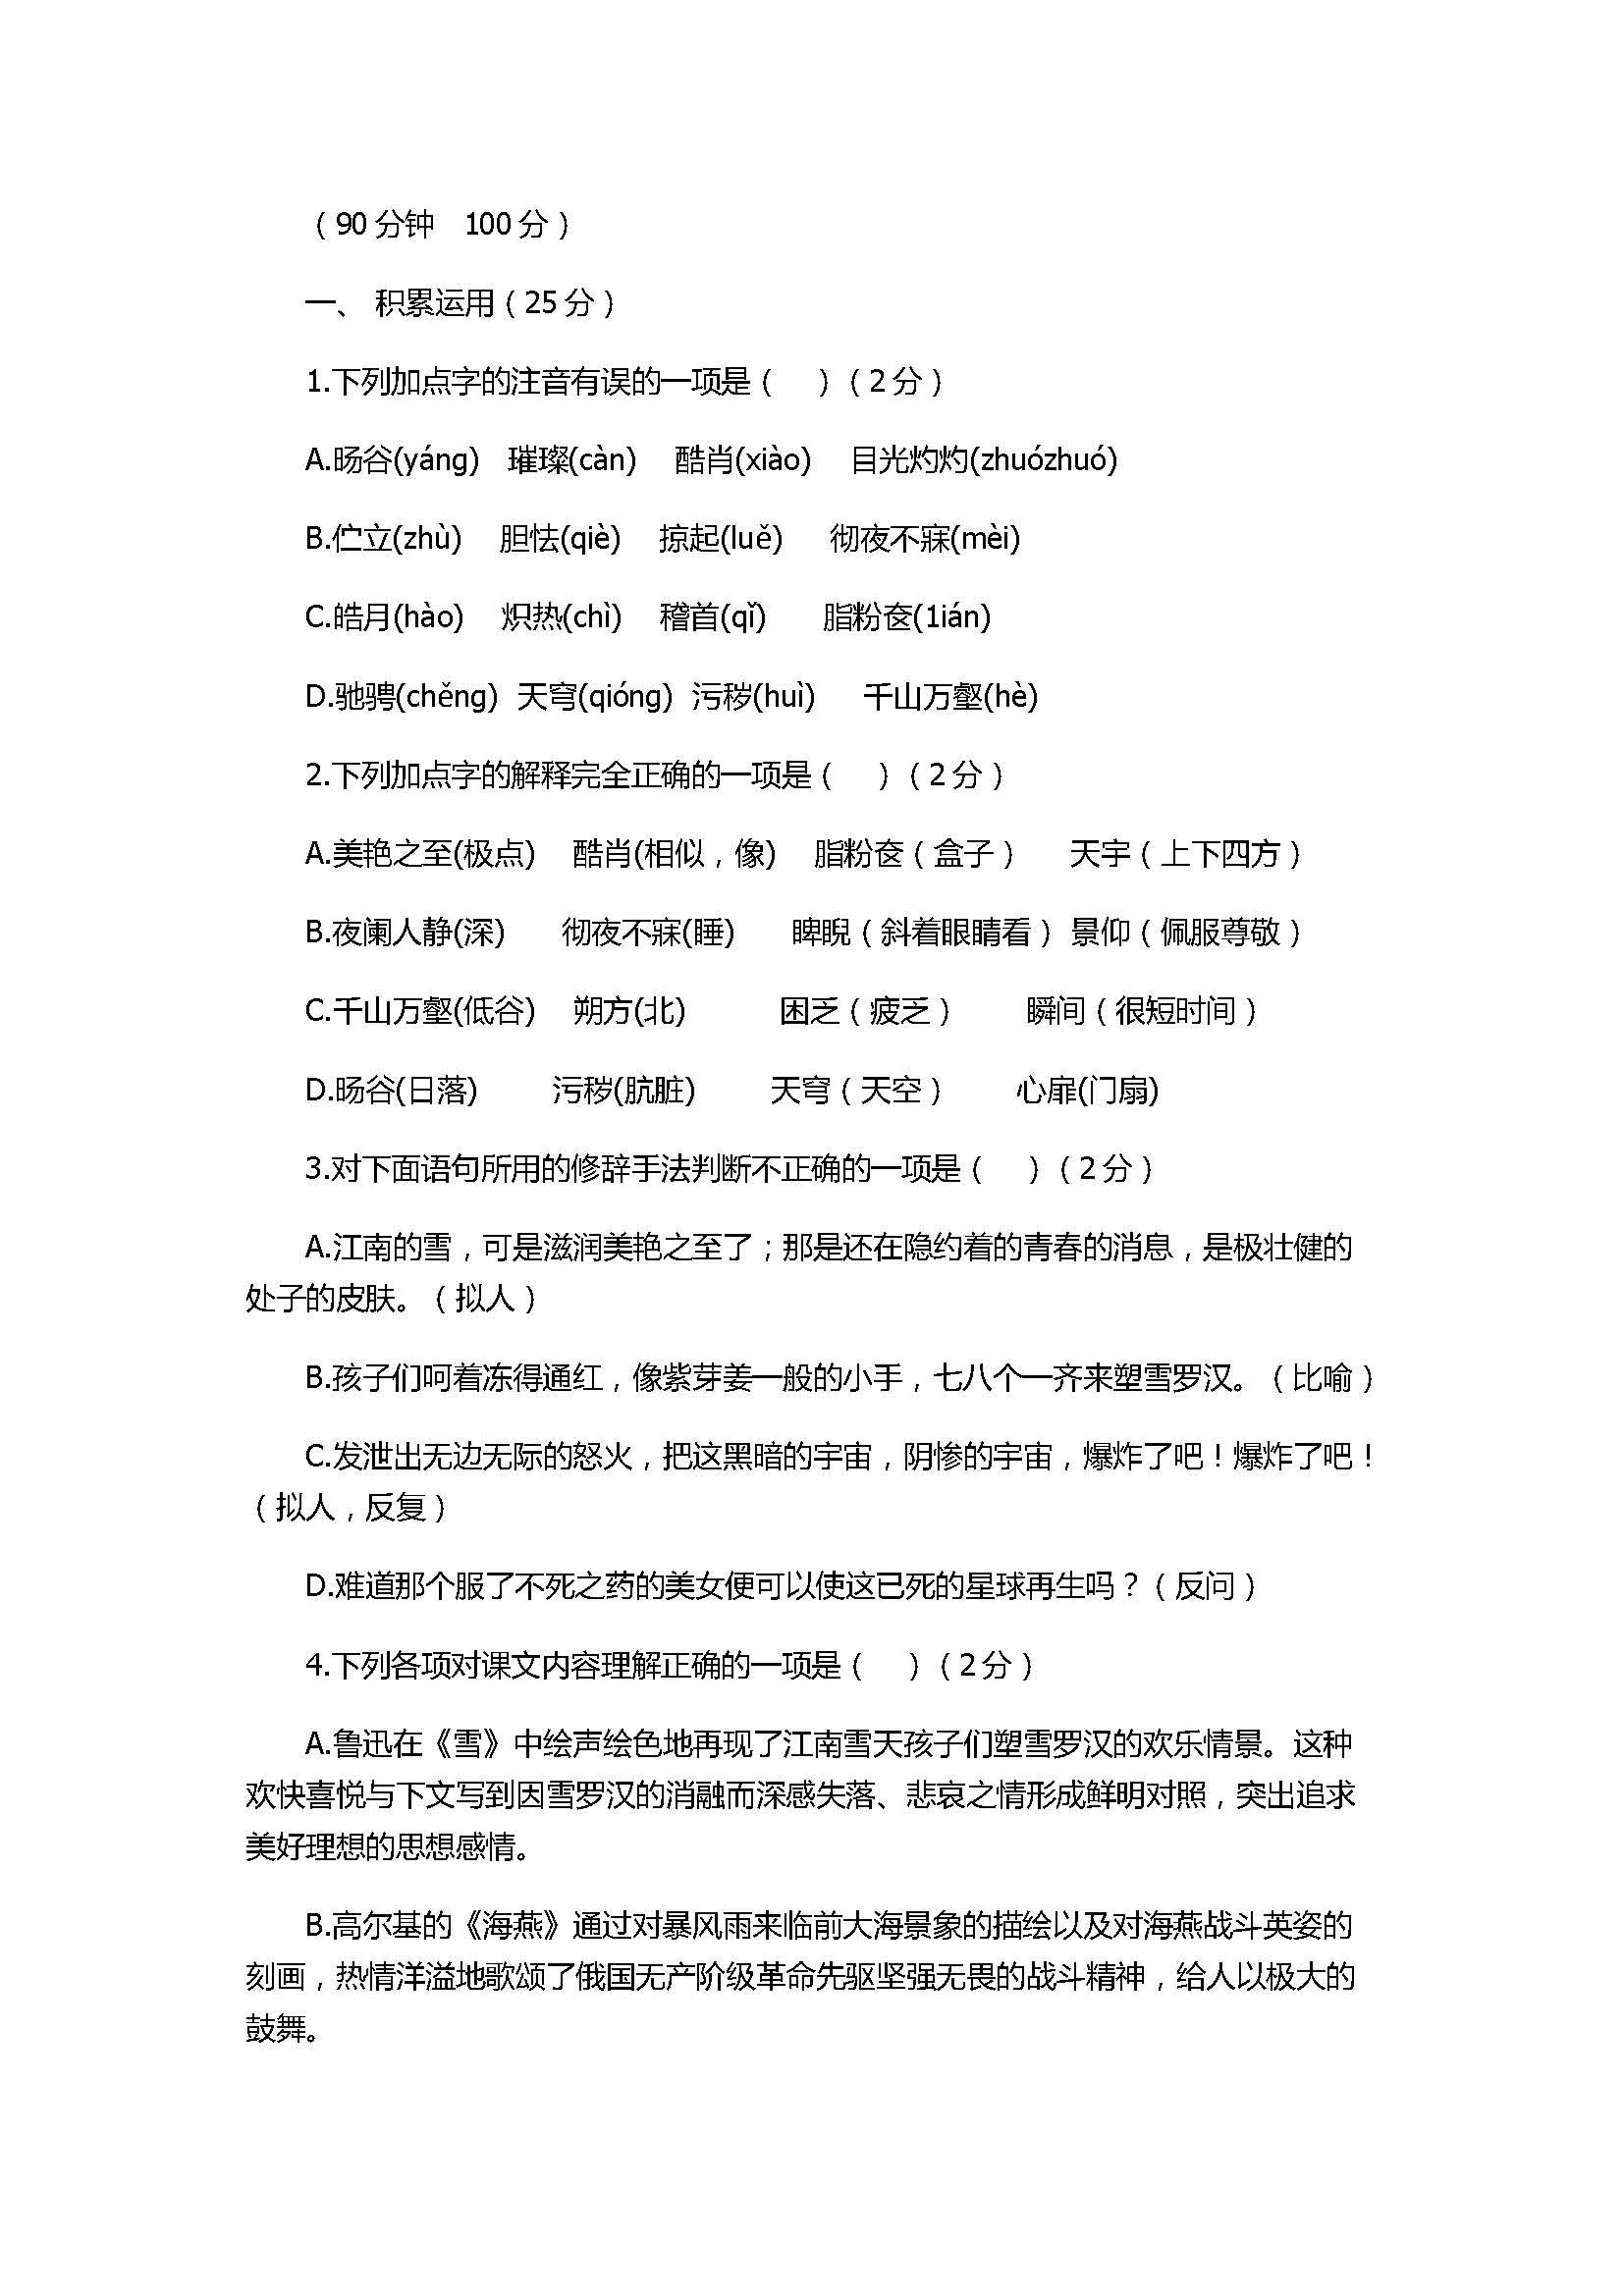 2017初二年级语文下册第二单元试题附答案(人教版)